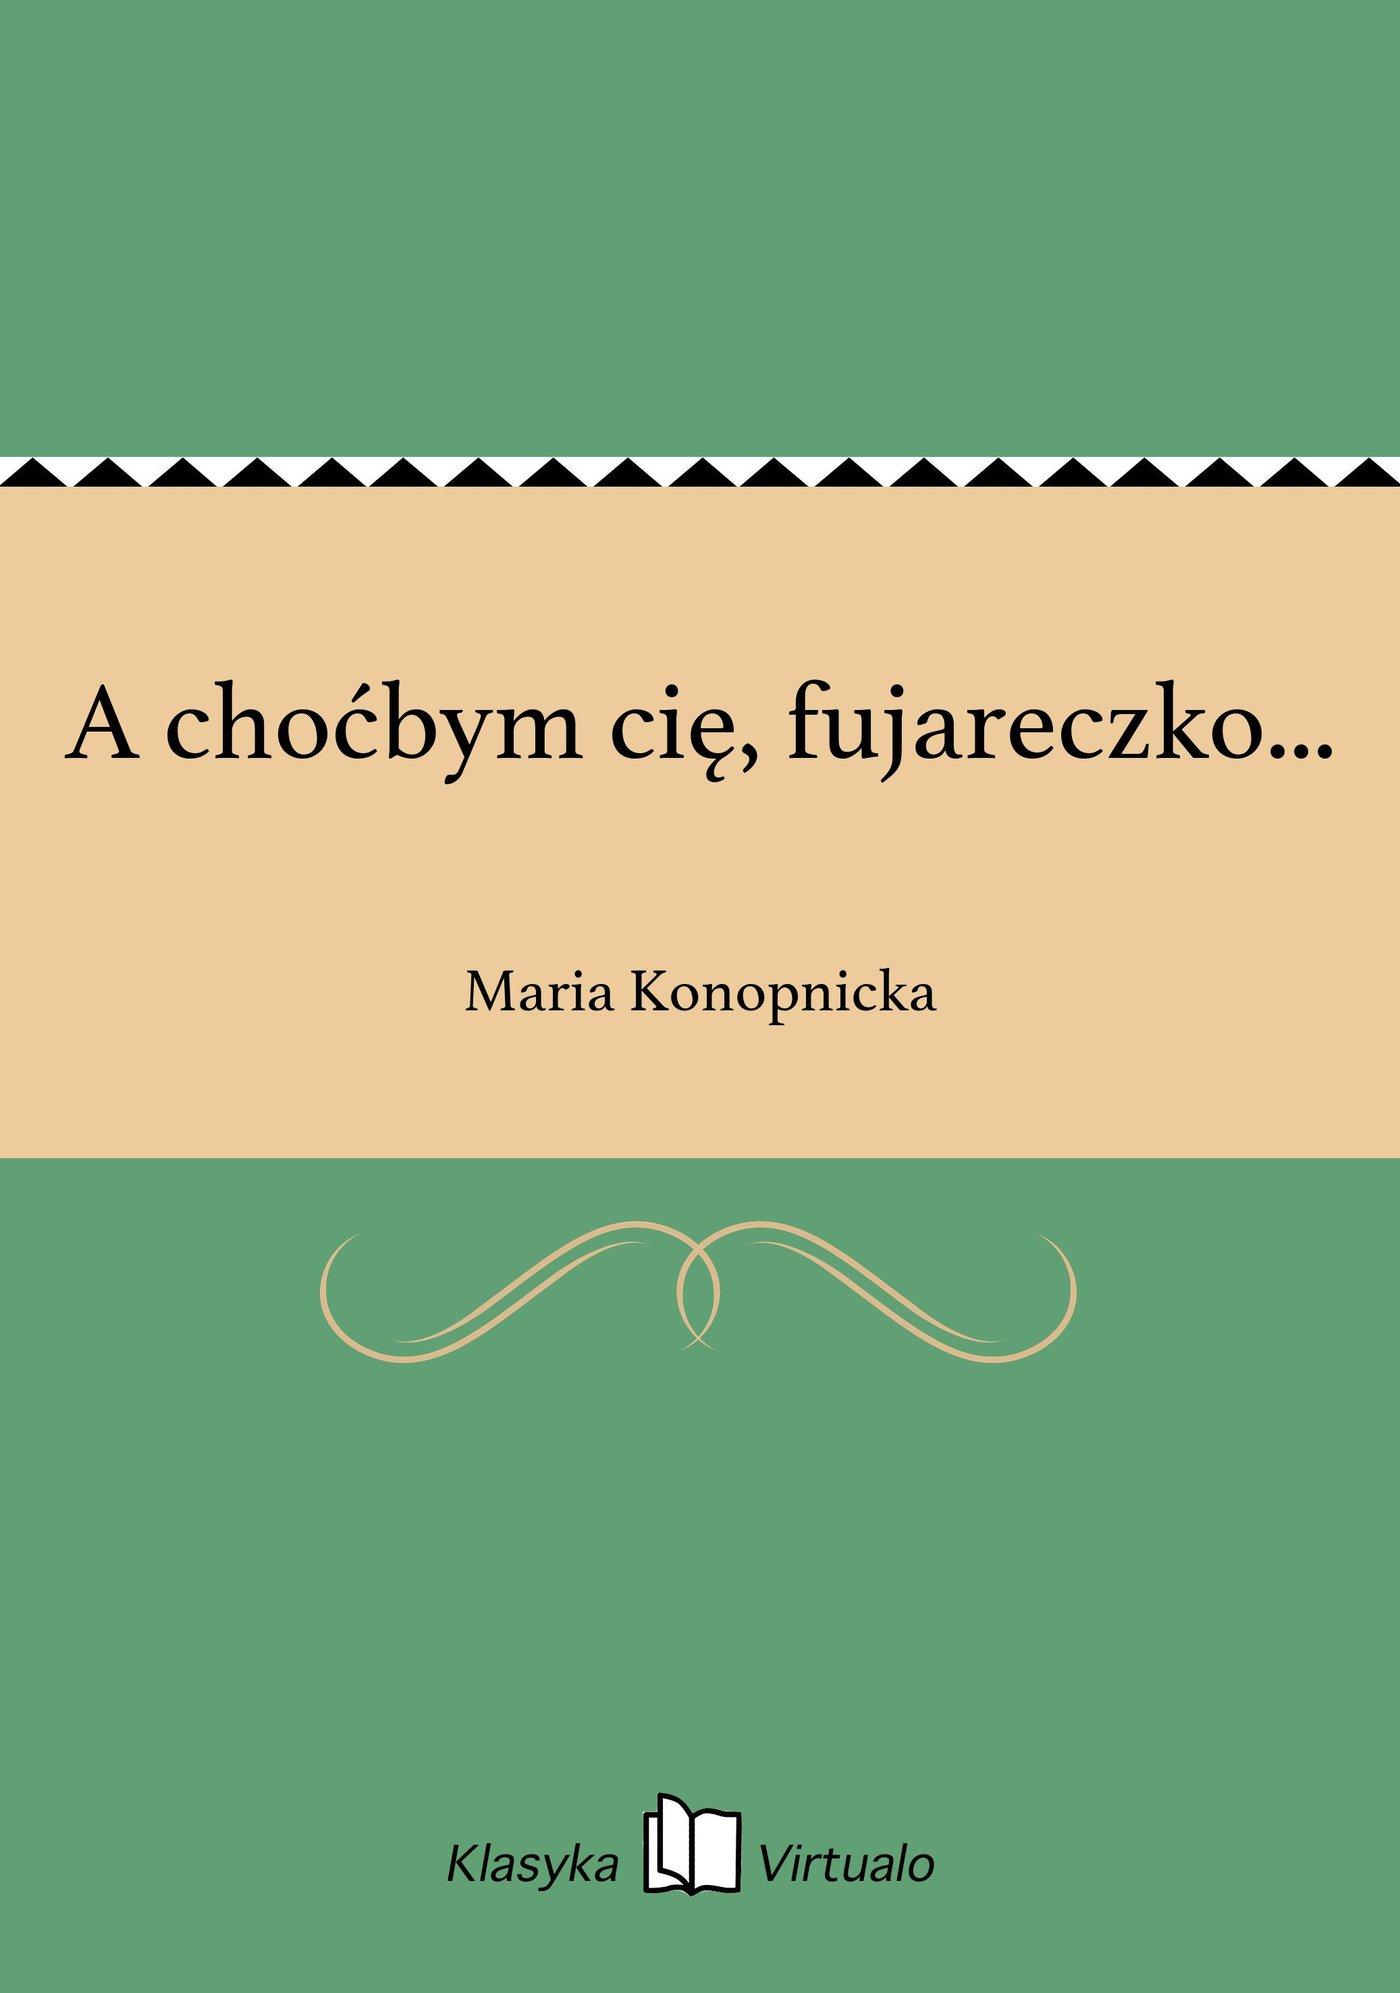 A choćbym cię, fujareczko... - Ebook (Książka na Kindle) do pobrania w formacie MOBI